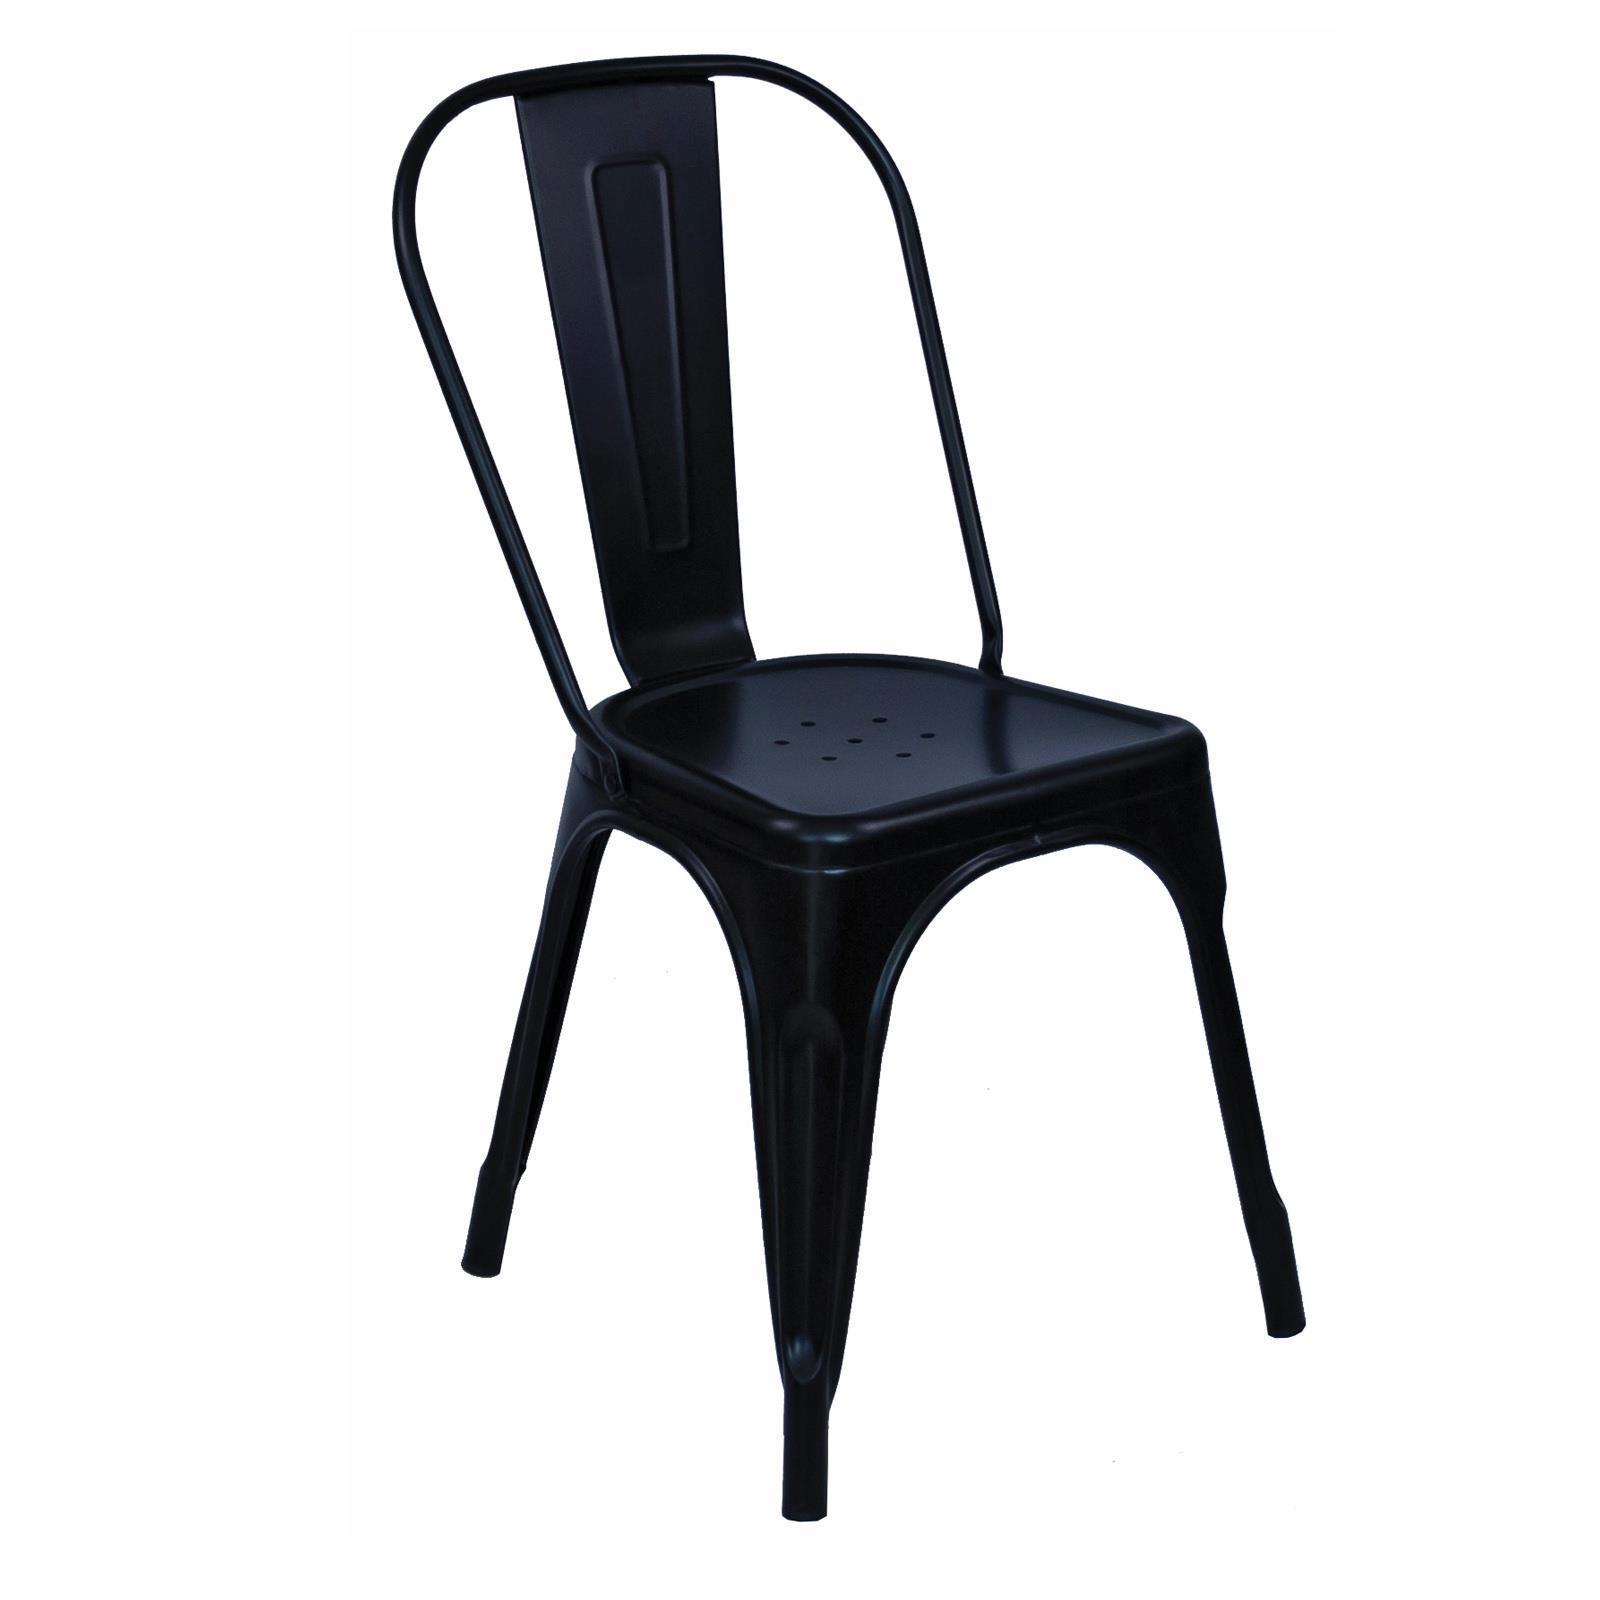 RELIX καρέκλα στοιβαζόμενη μεταλλική μαύρο Υ84x44x49εκ.